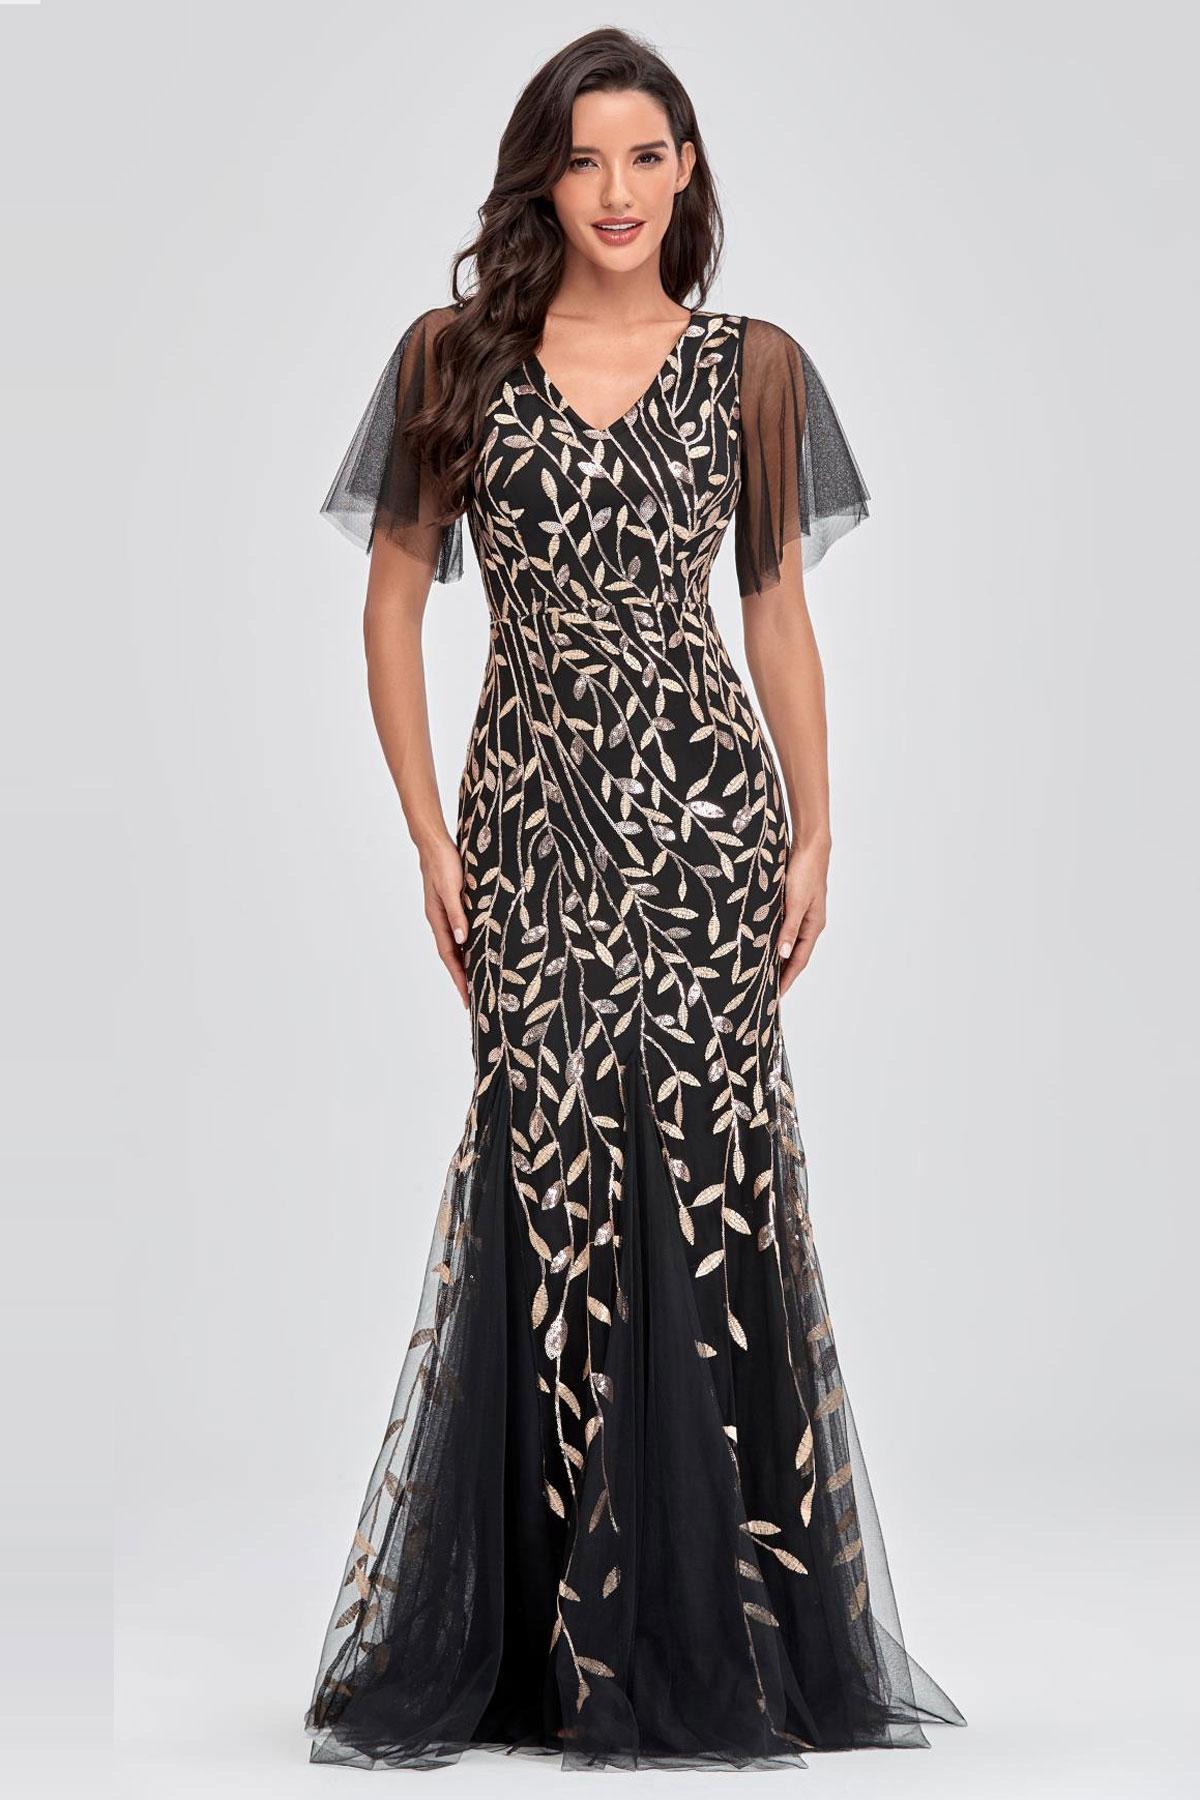 robe de soirée longue fourreau noire décolleté v brodé de feuilles à manches courtes